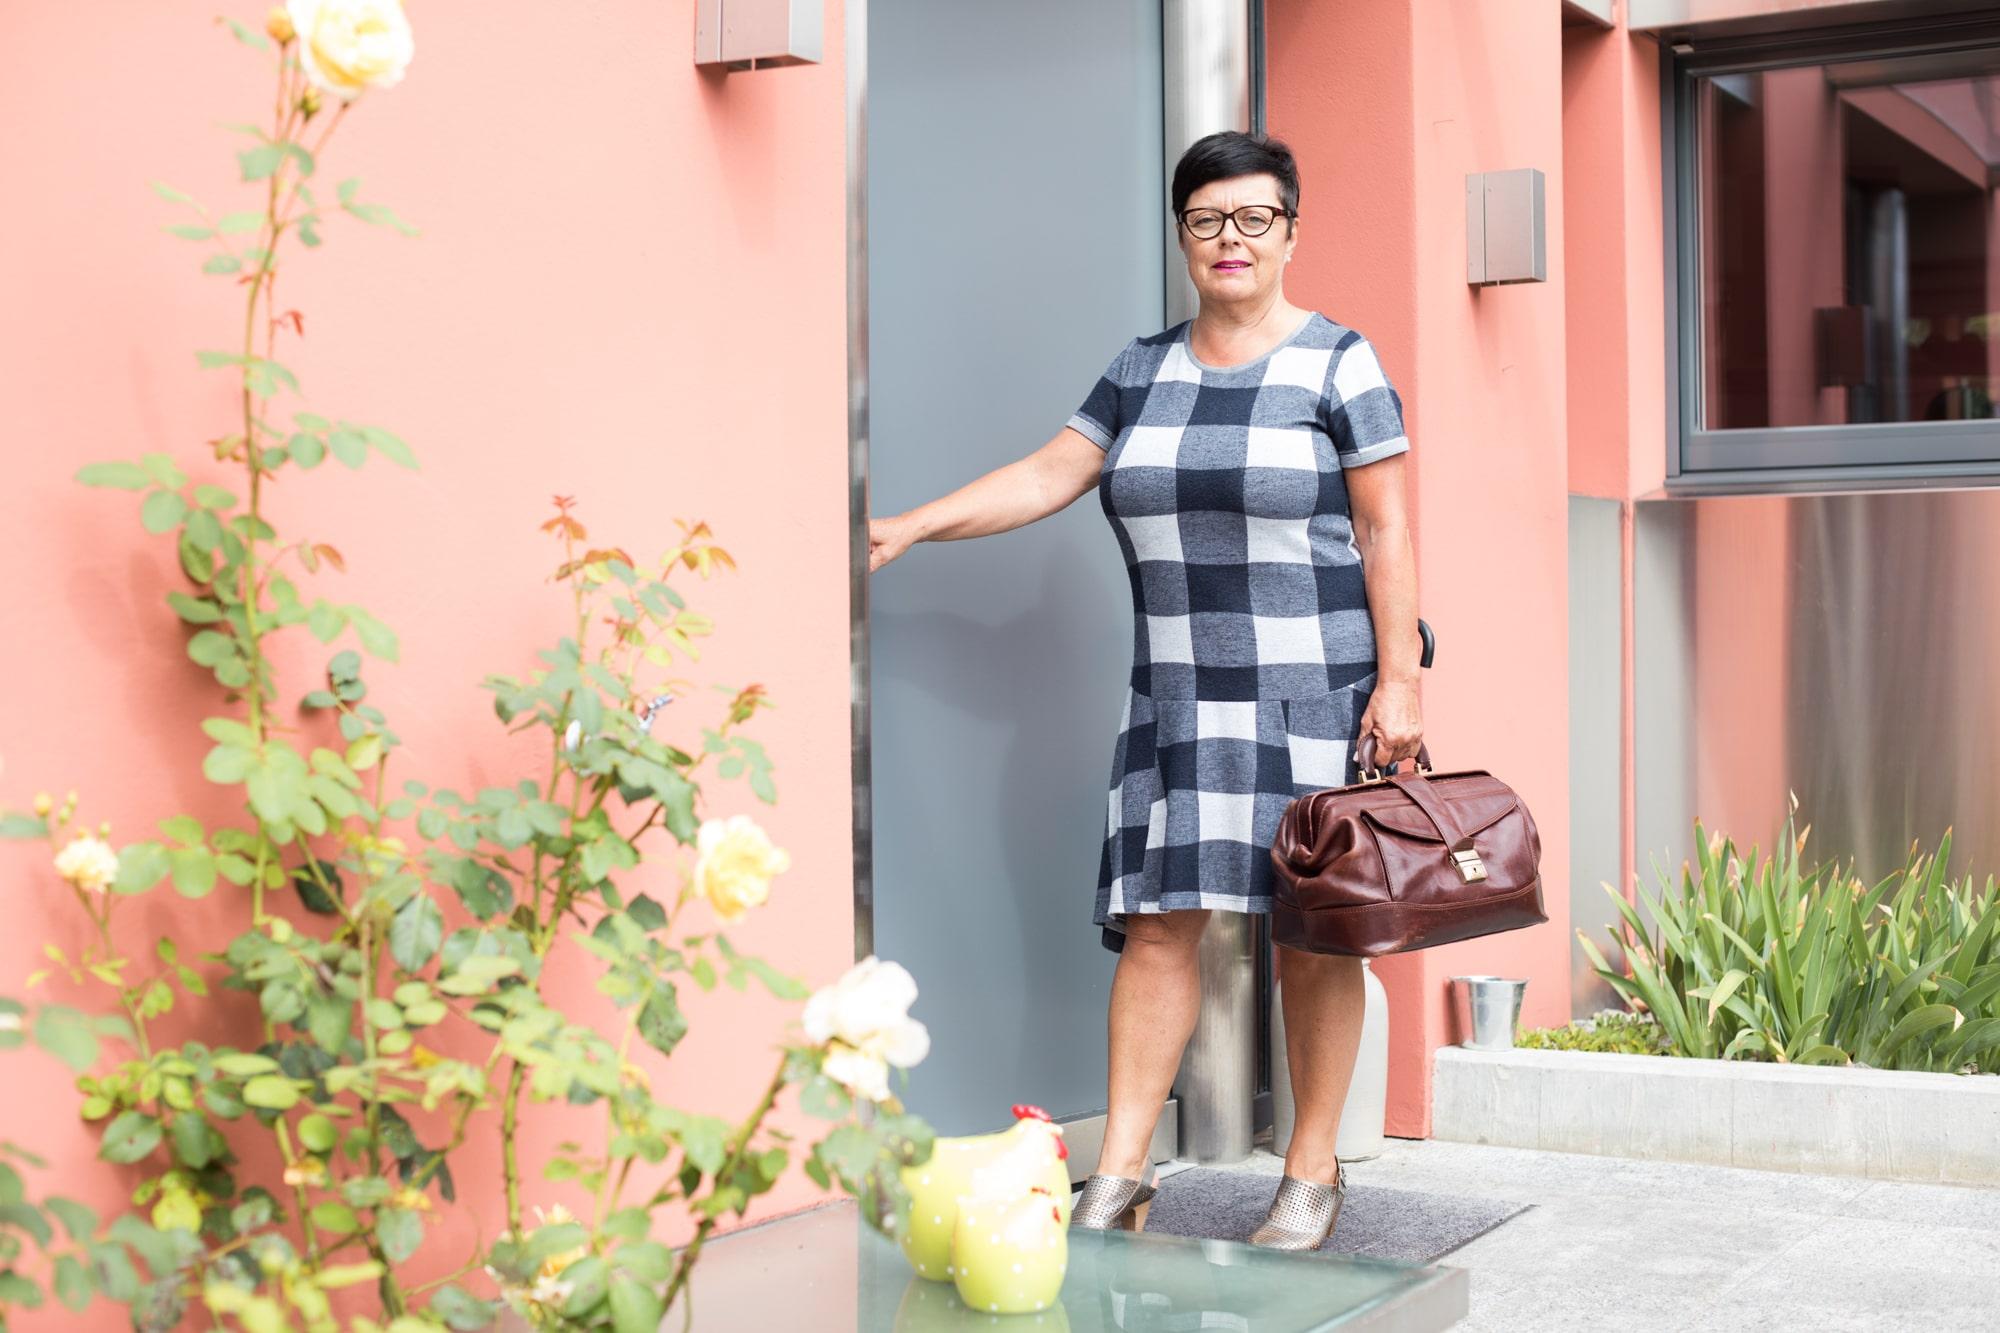 Die Hebamme und Politikerin Lucia Mikeler hat schon etliche Kinder auf die Welt gebracht. Fotografiert in ihrem Zu Hause in B